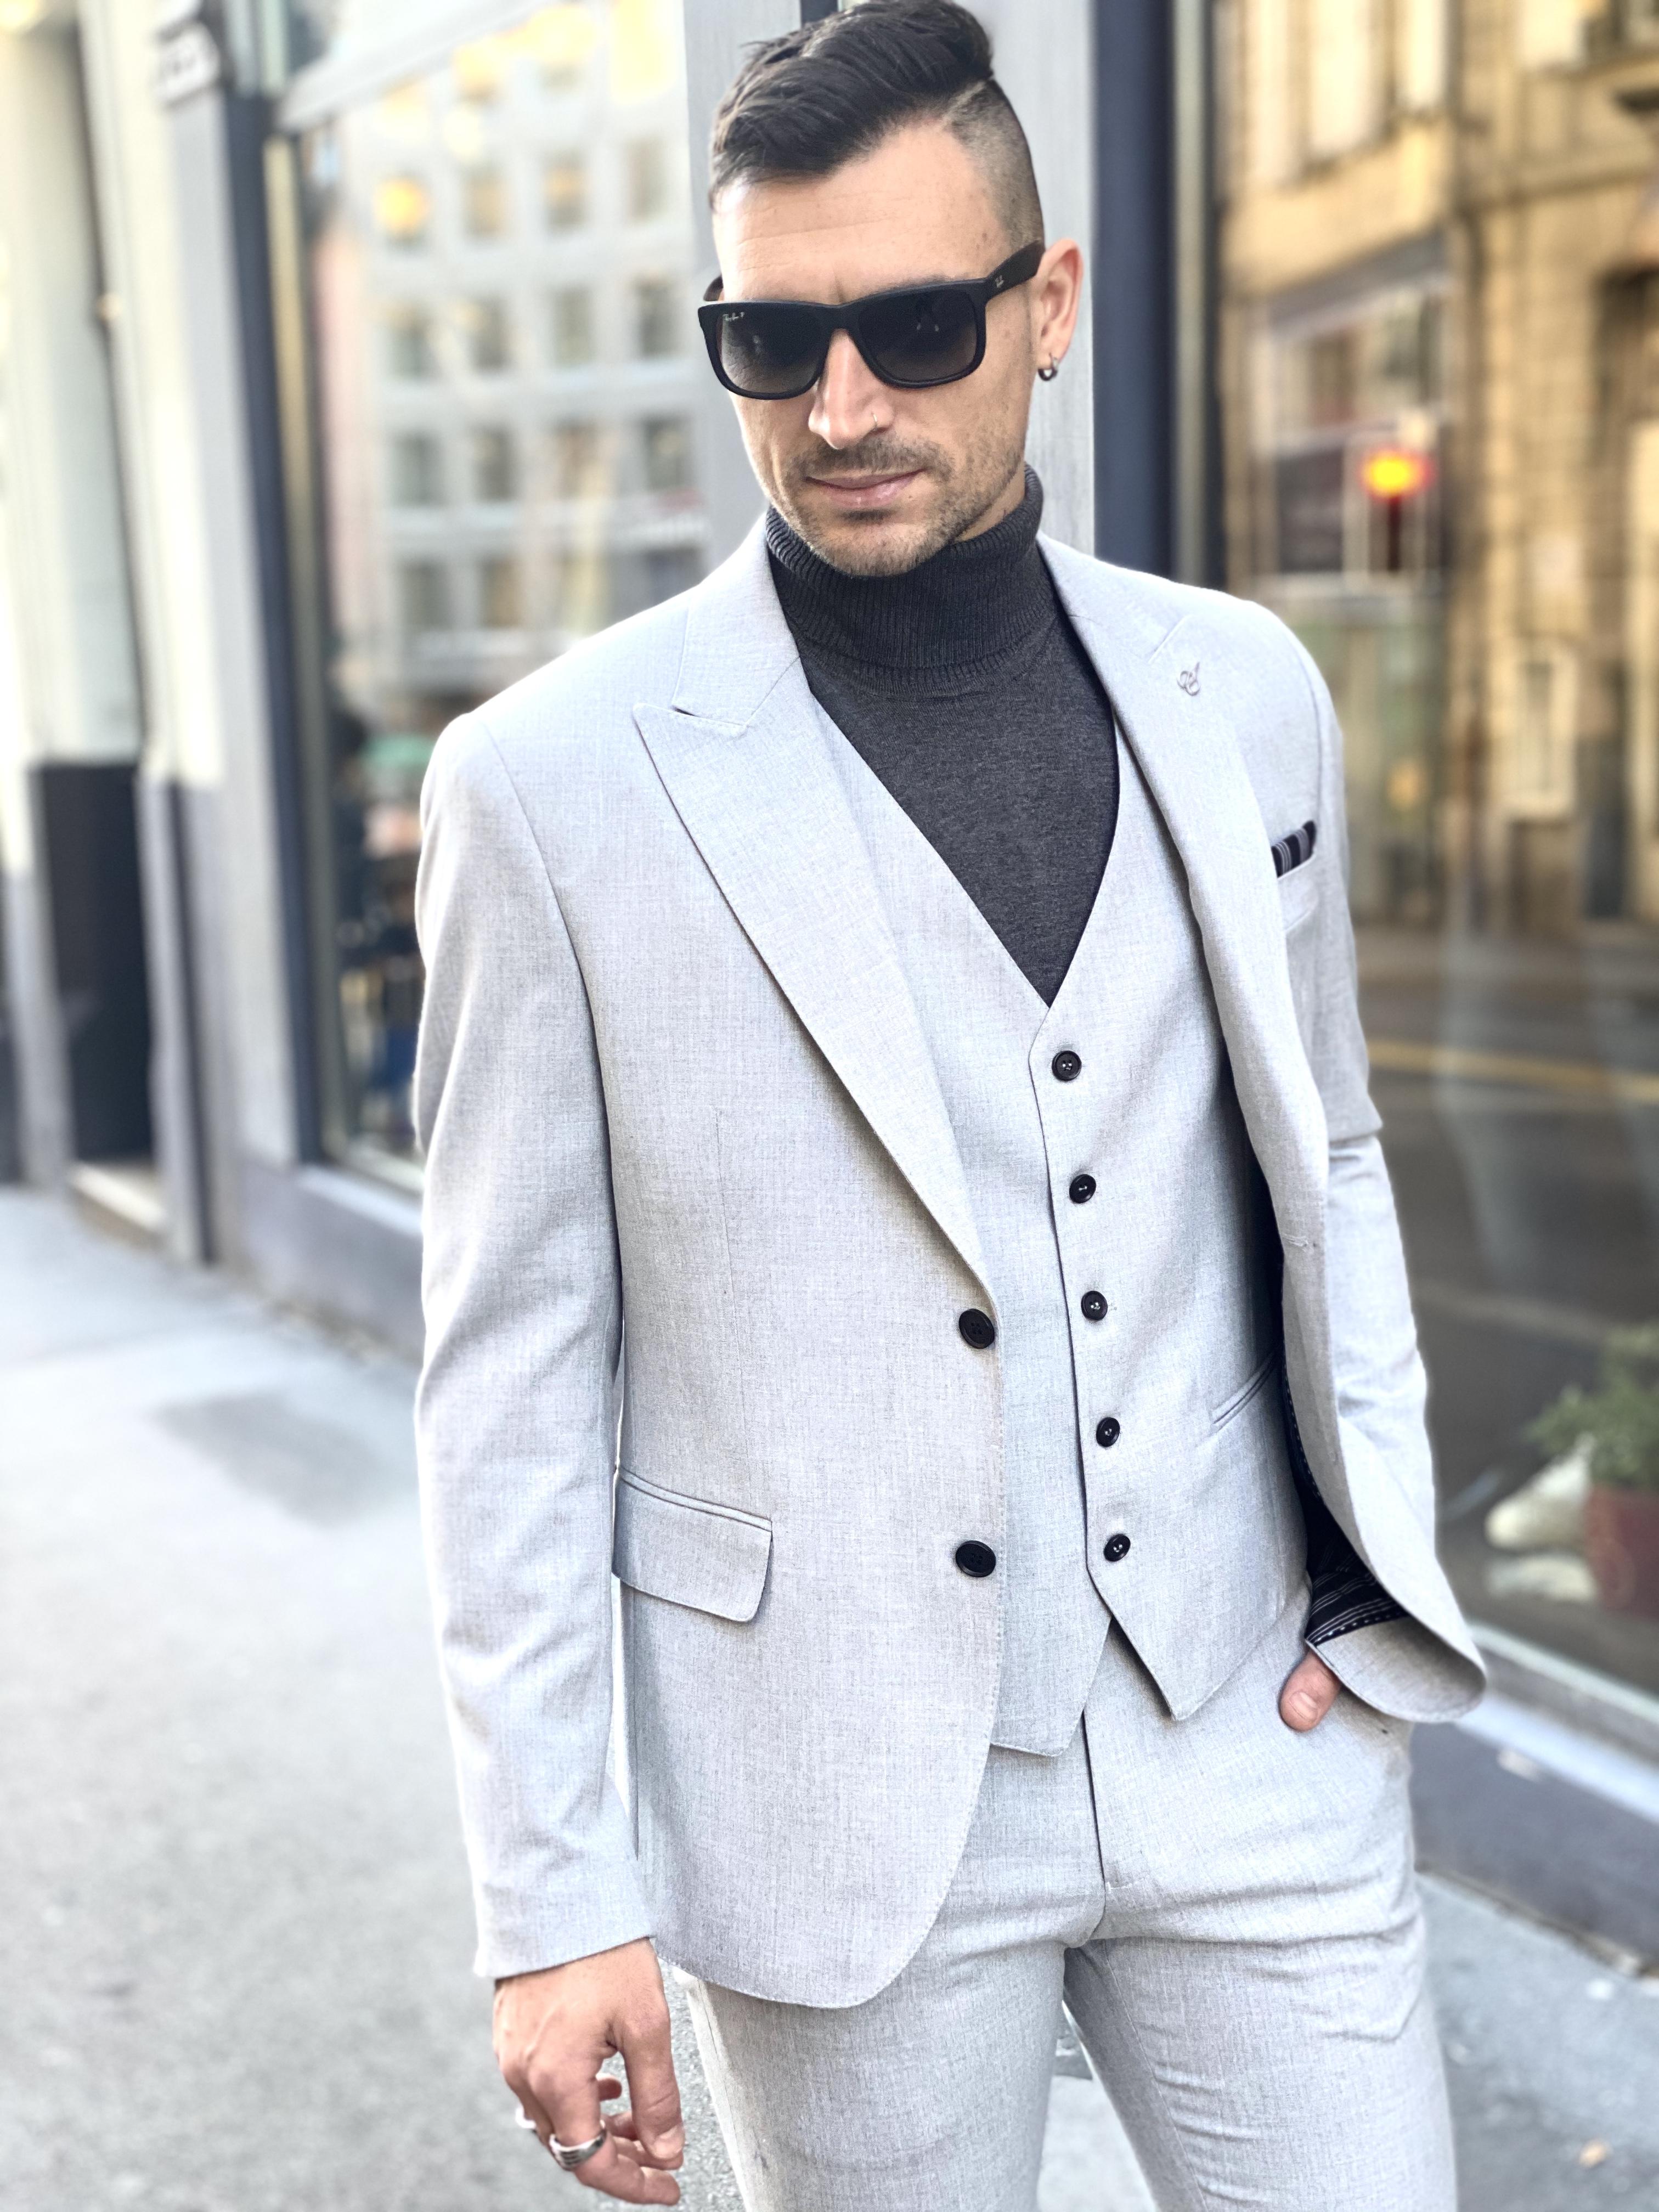 Costume FV gris clair Fashion Vicitm Shop